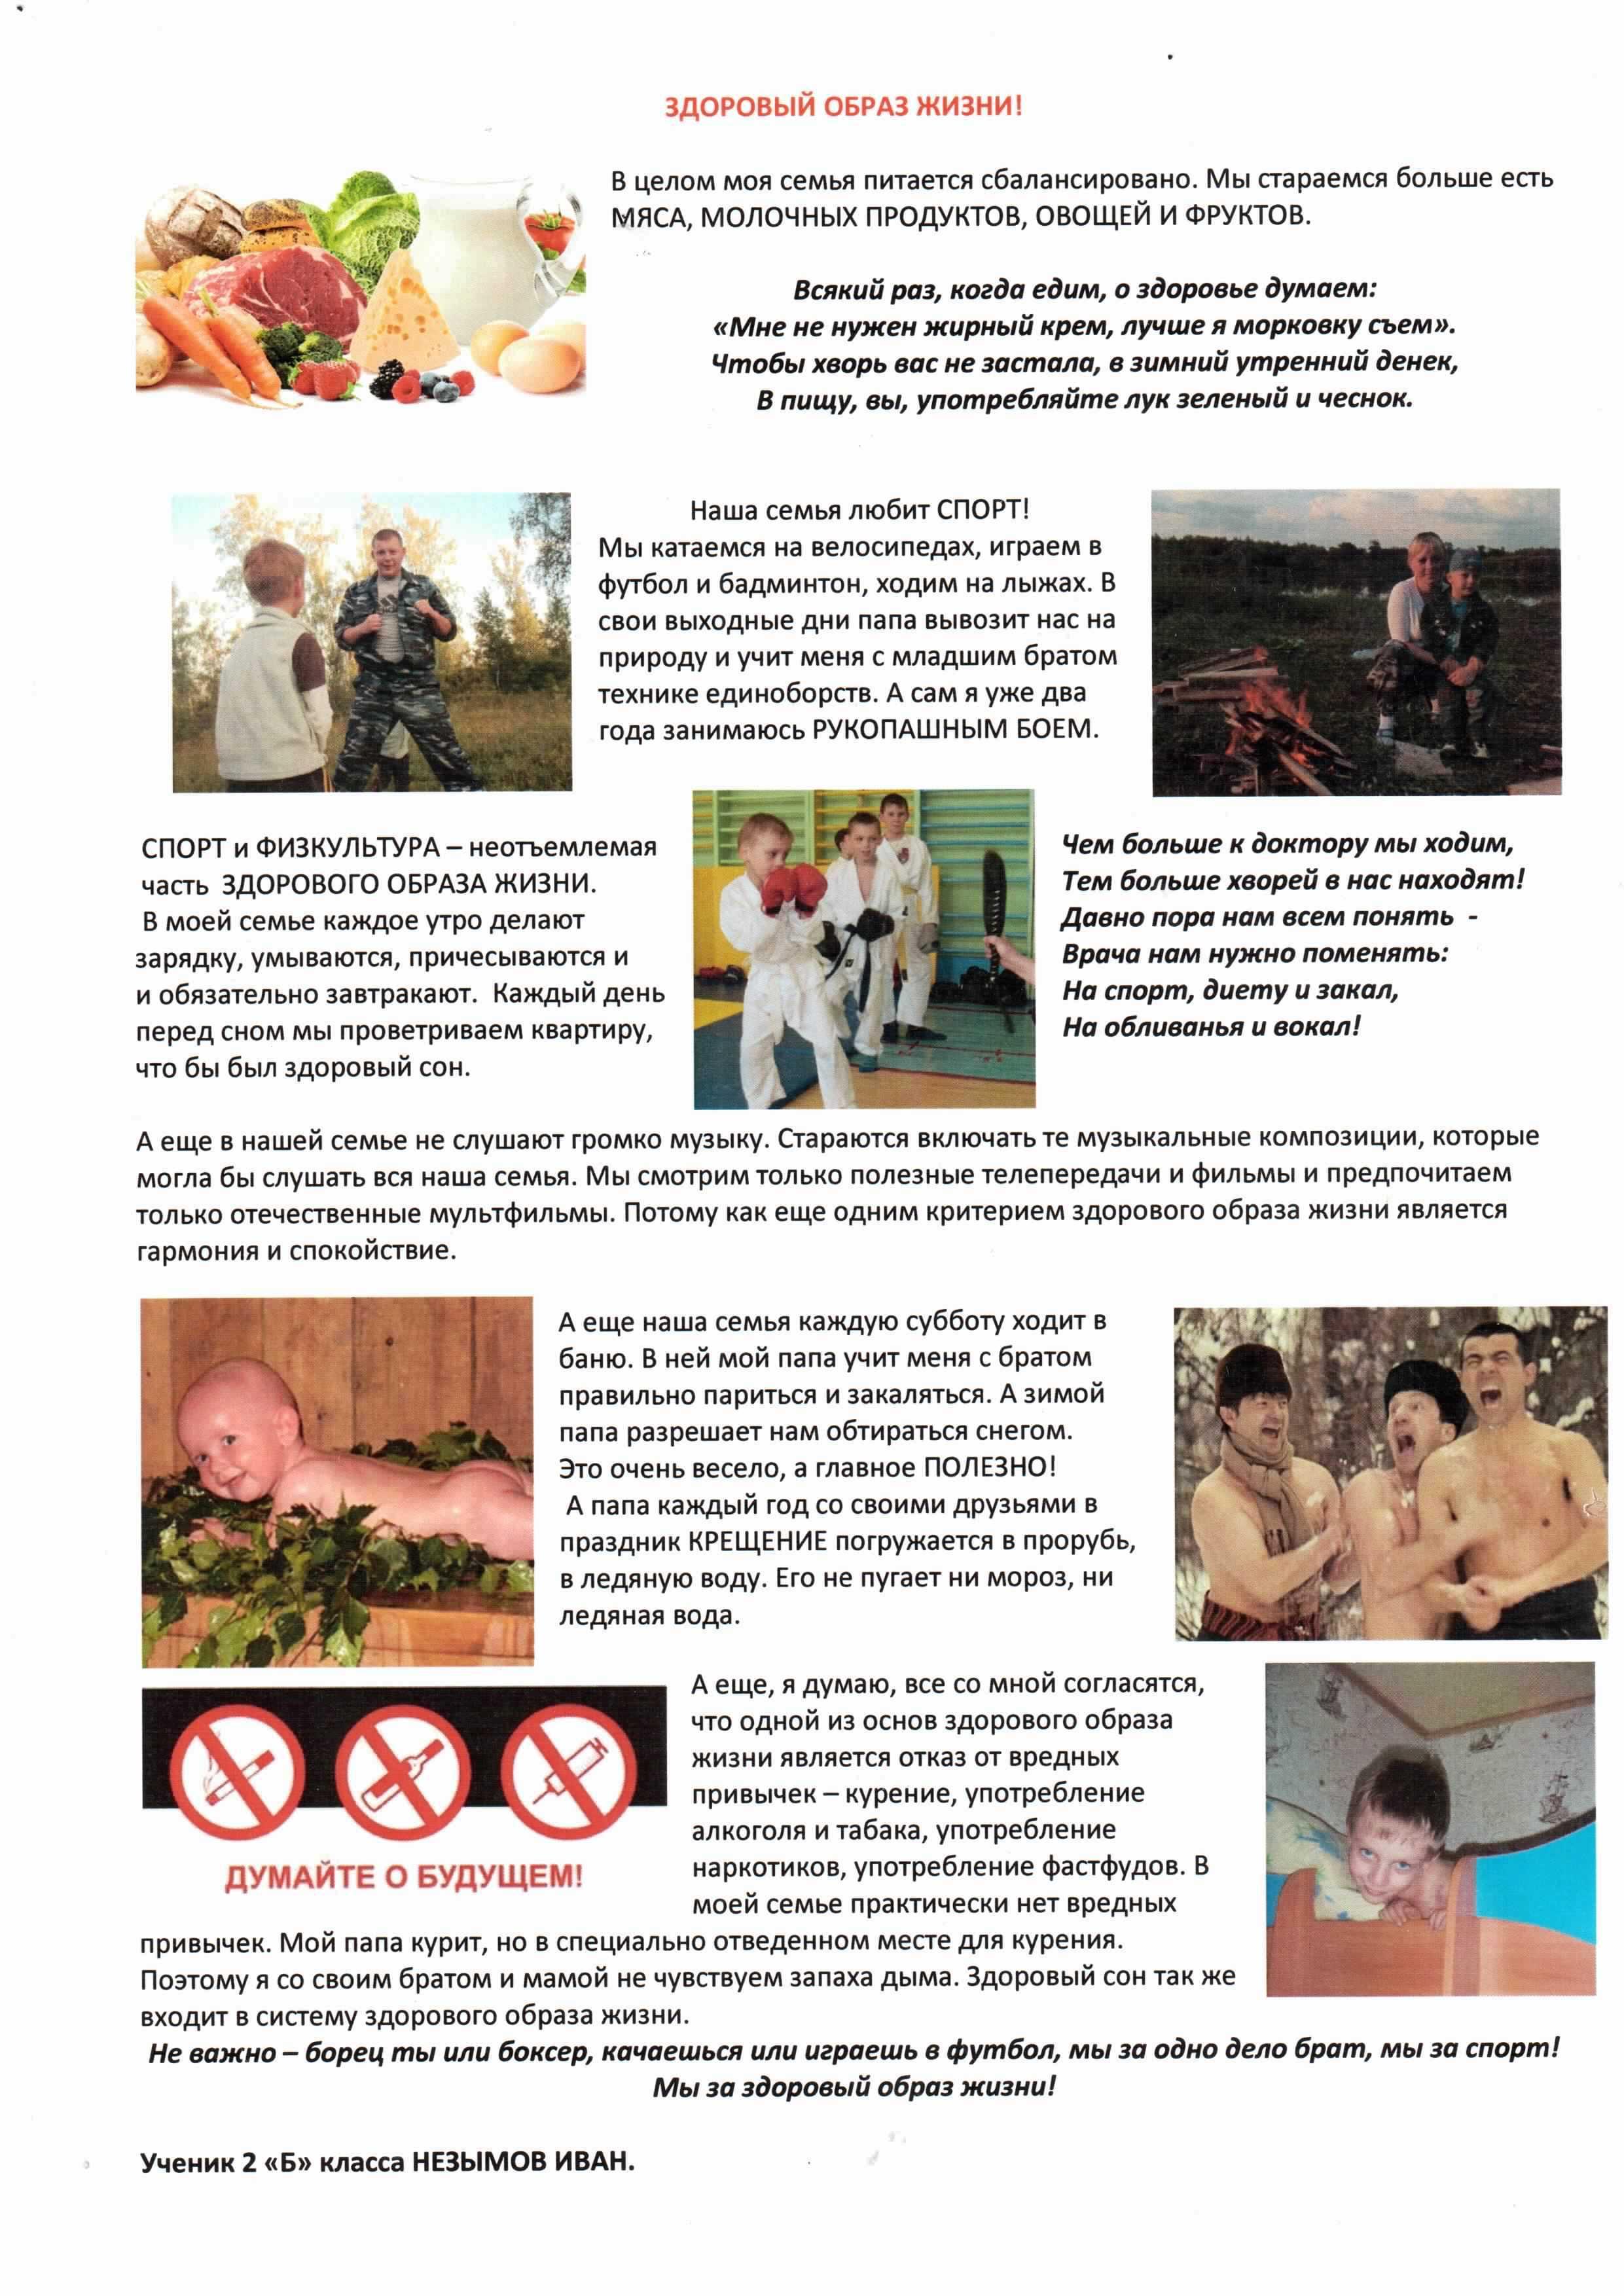 C:\Users\Татьяна\Desktop\Коллективный проект-Мы за здоровый образ жизни\Семья Незымова Ивана.jpg